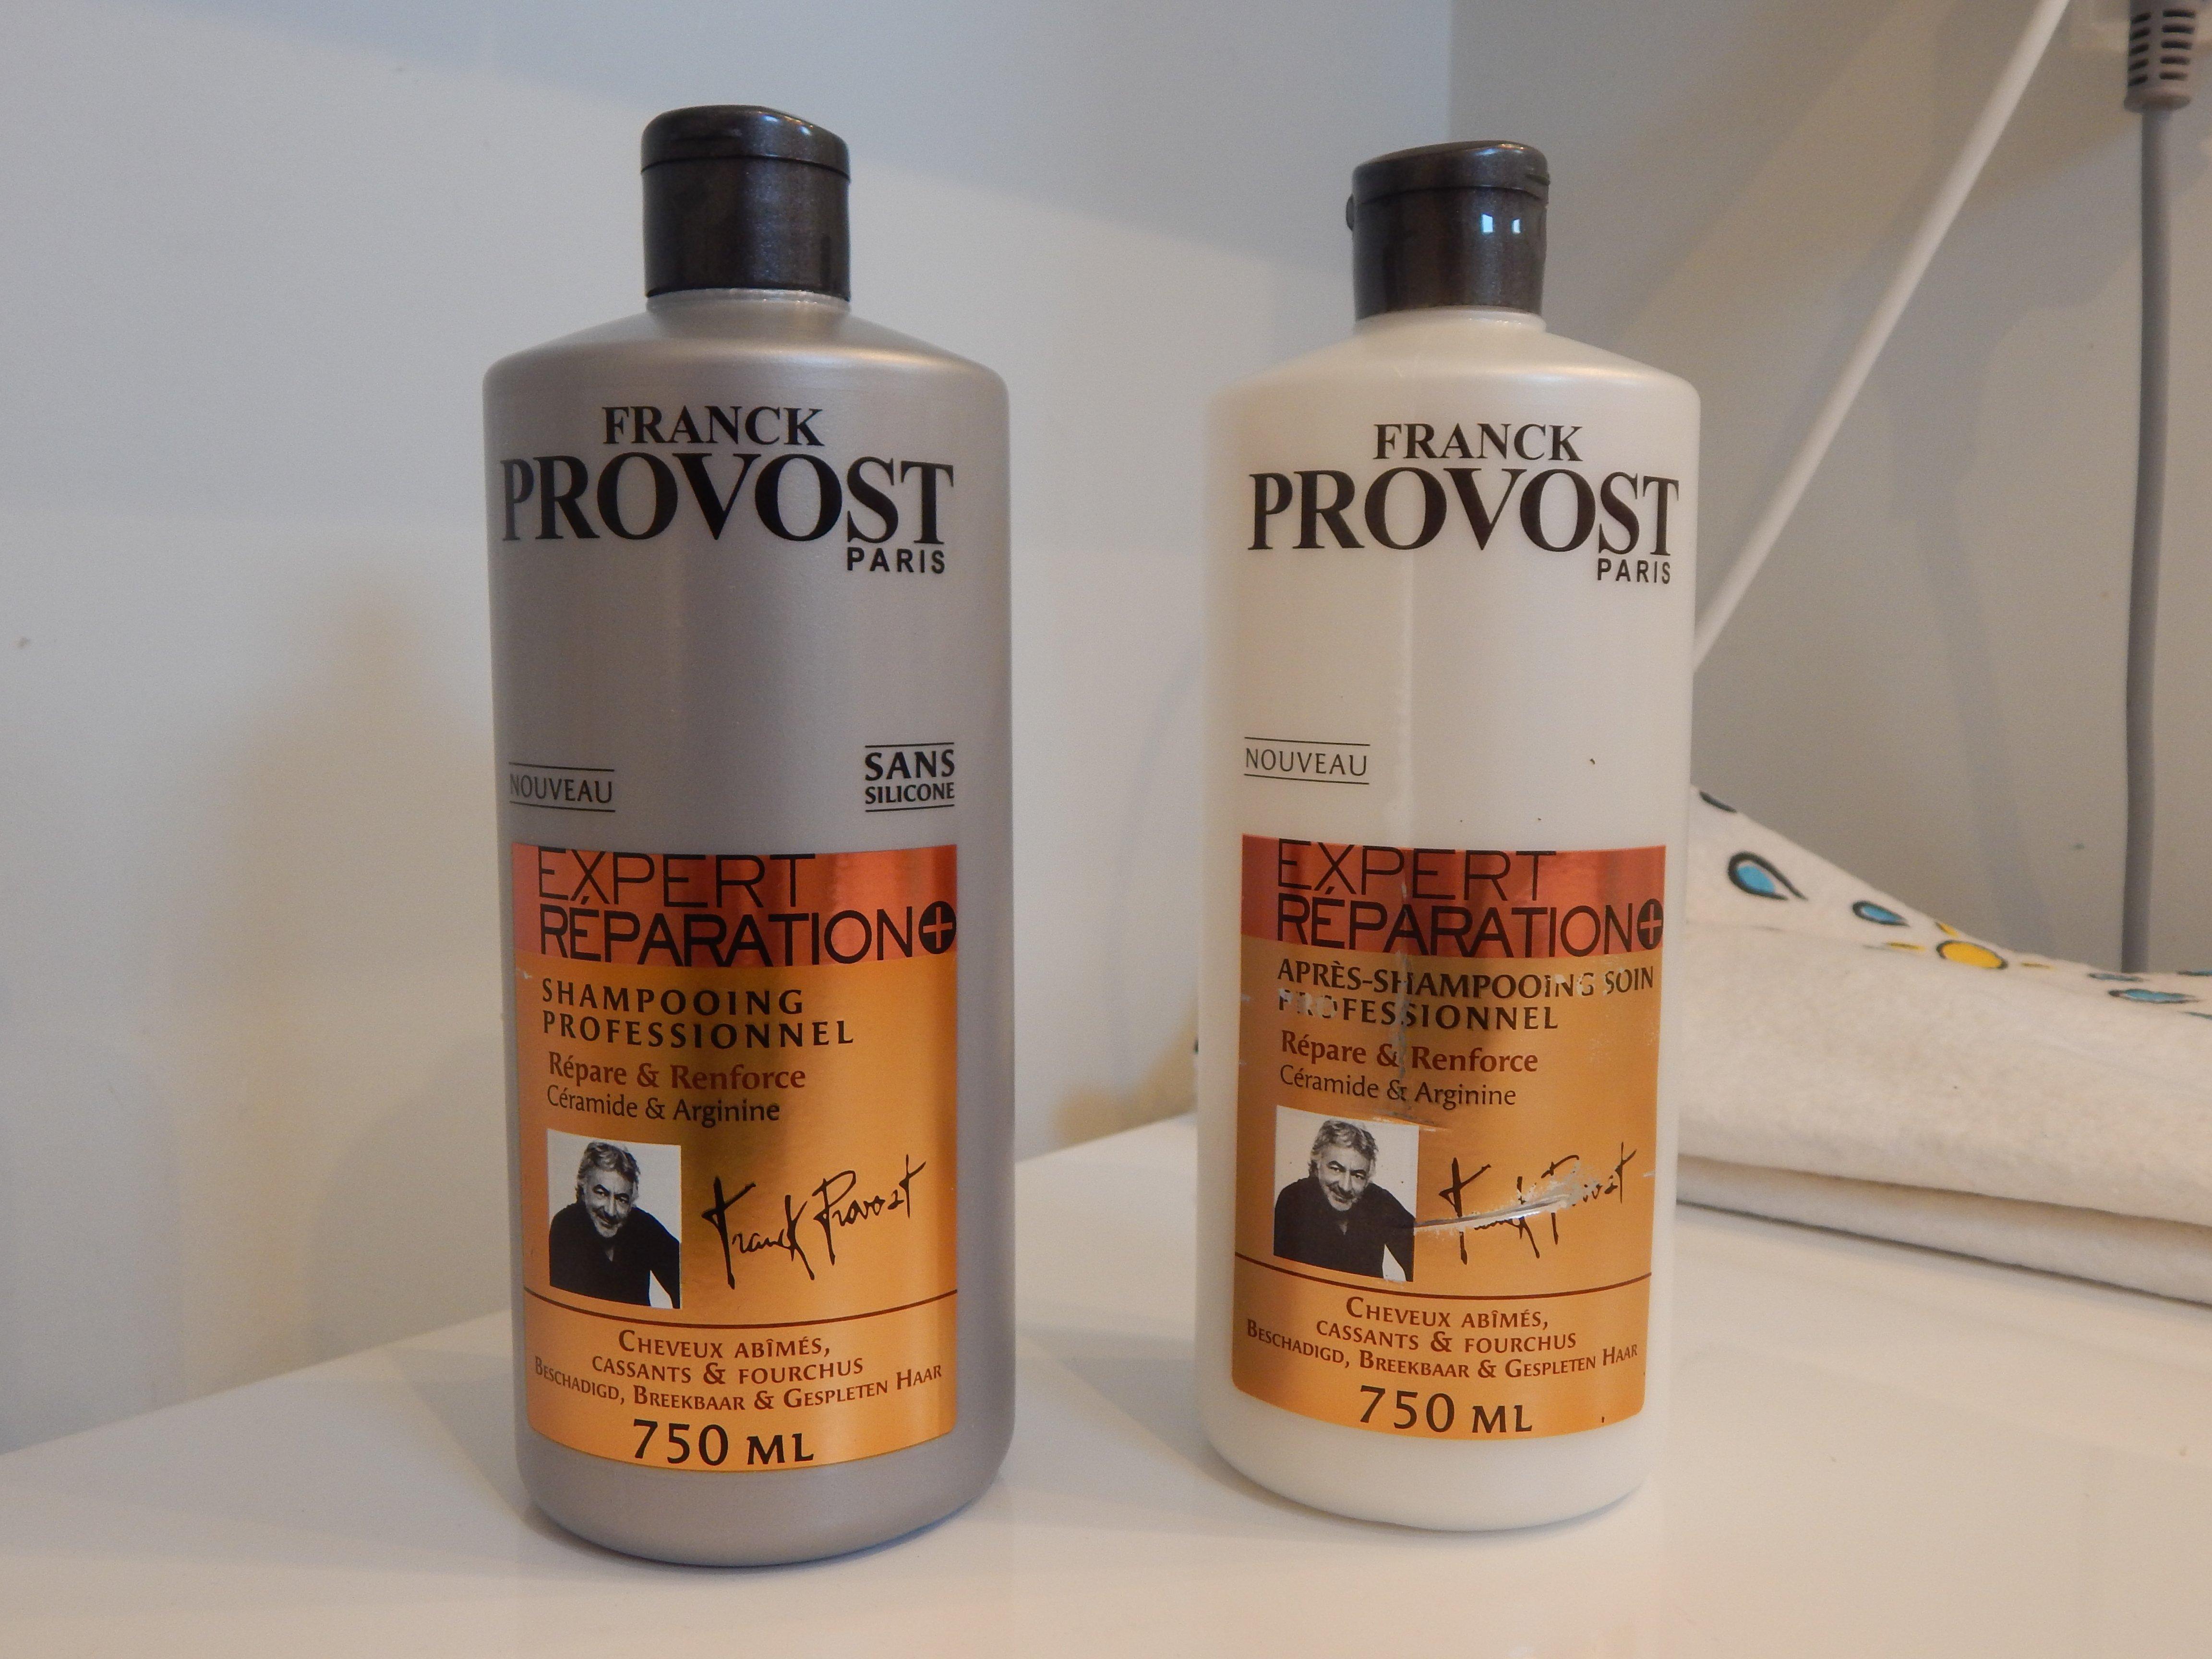 Produit Capillaire Franck Provost | Monblogsurtout